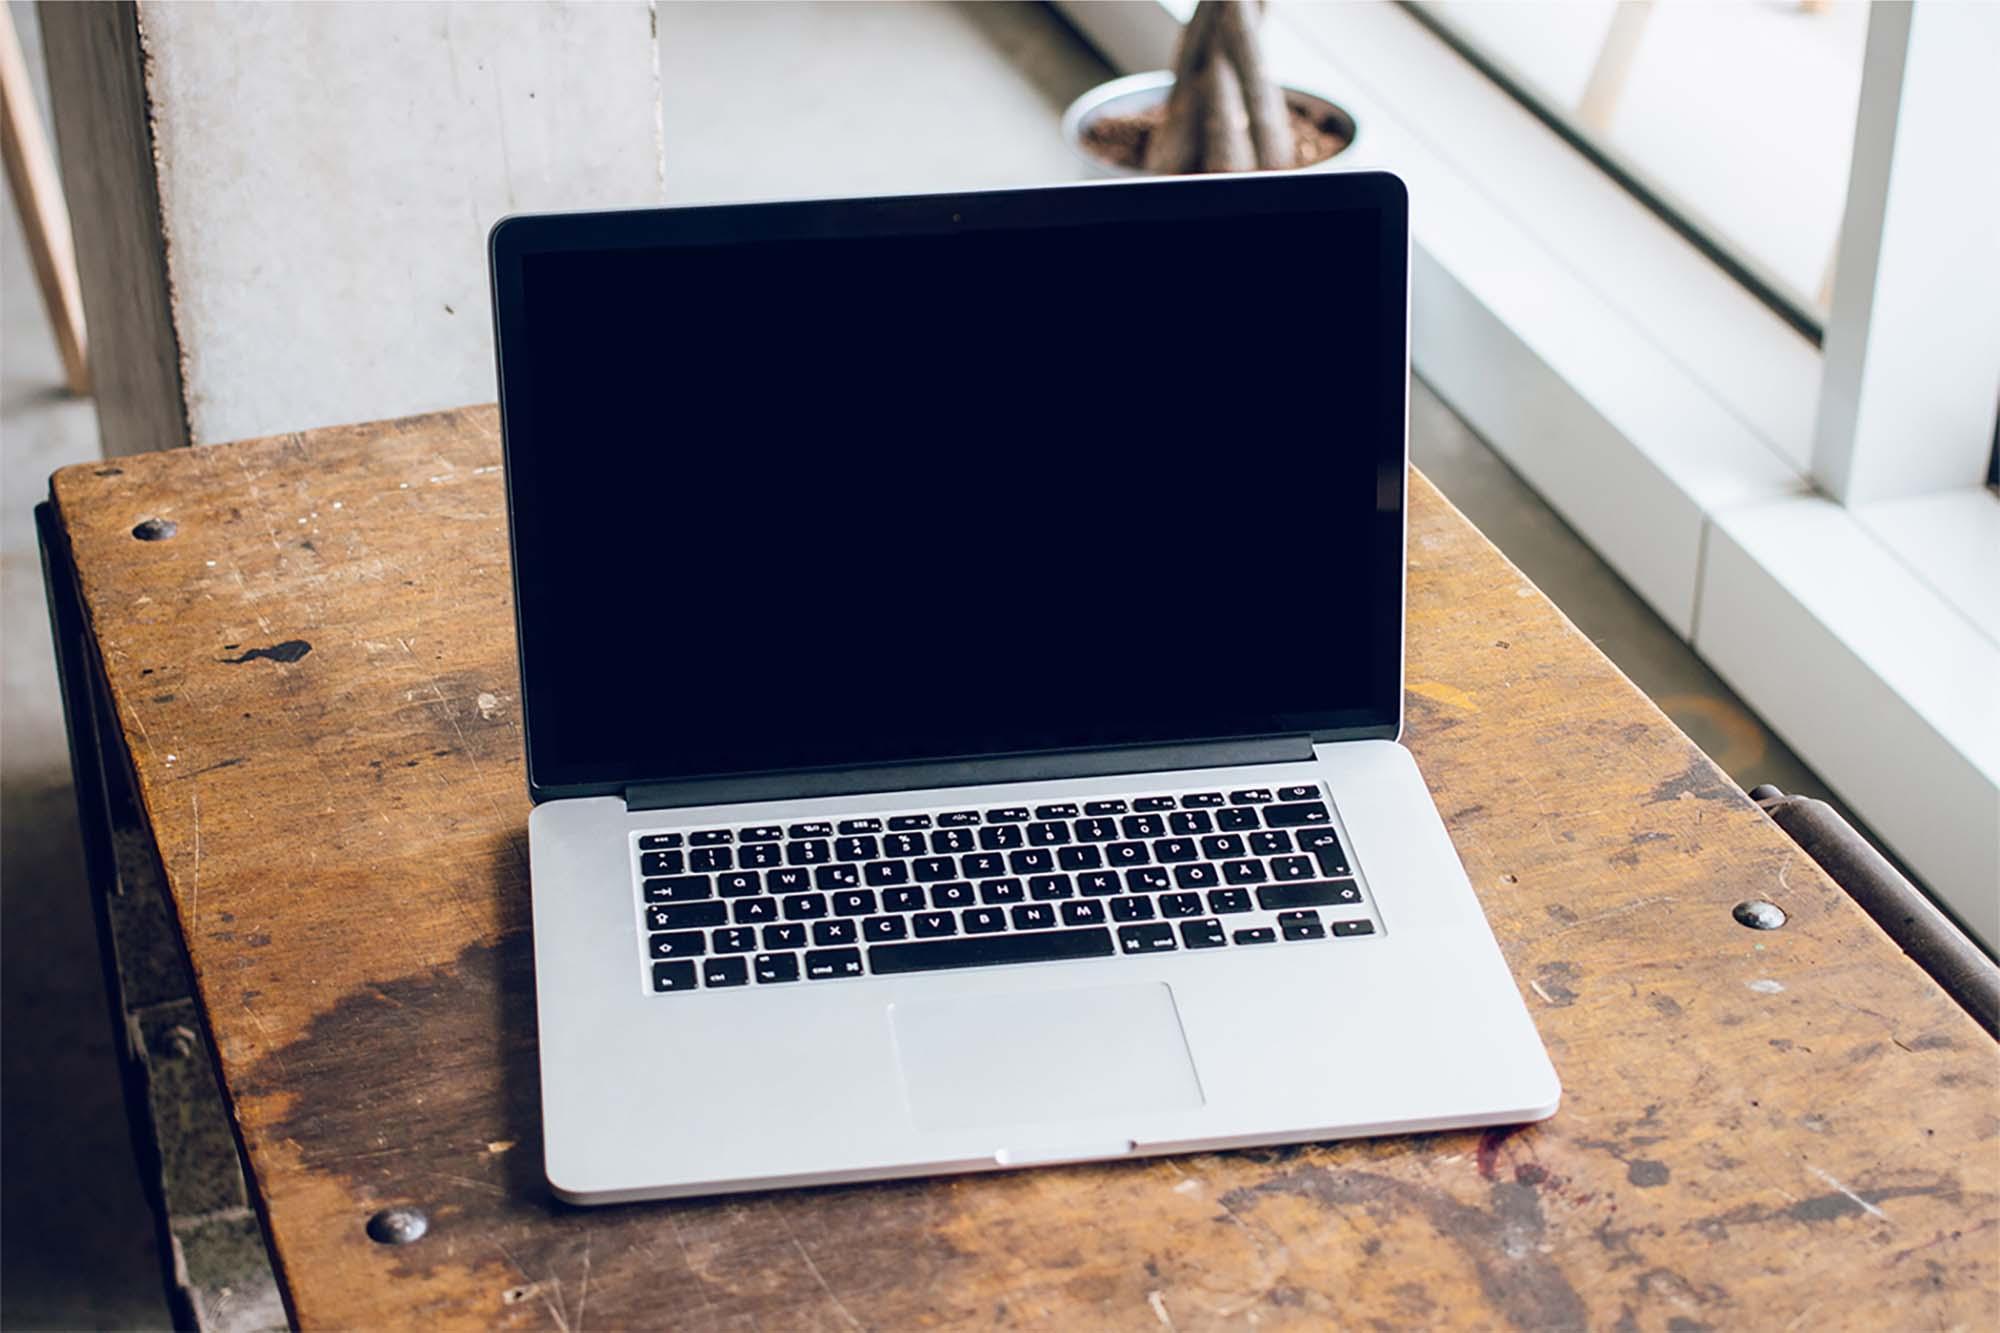 MacBook Pro on Table Mockup 2